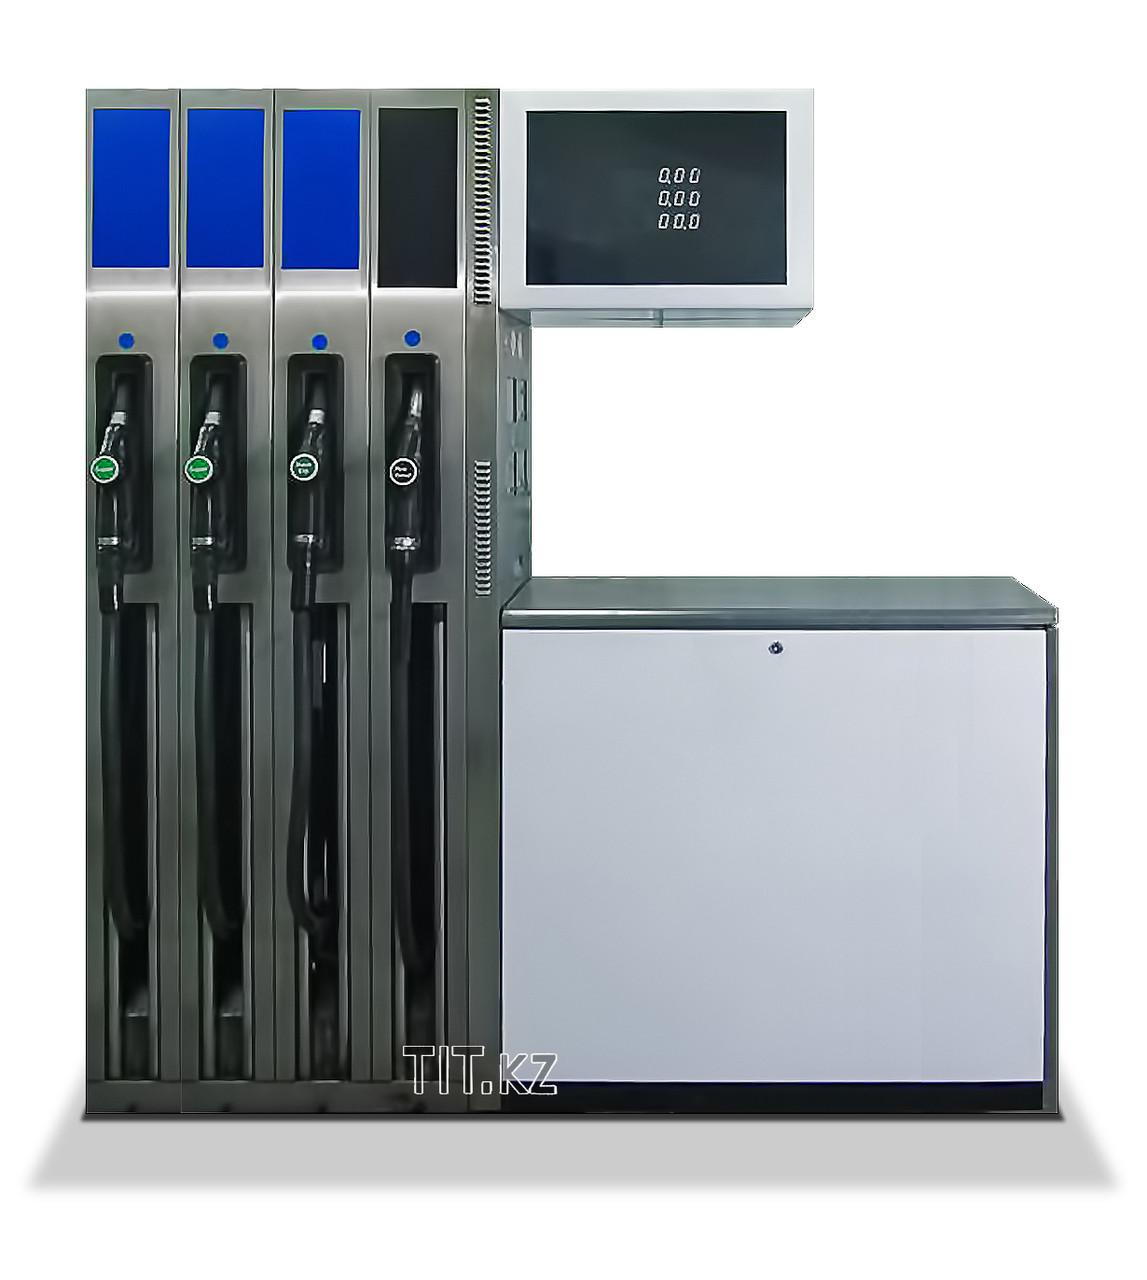 ТРК Б/У Tokheim (schlumberger) HDM 4х8 всасывающего типа на четыре сорта топлива